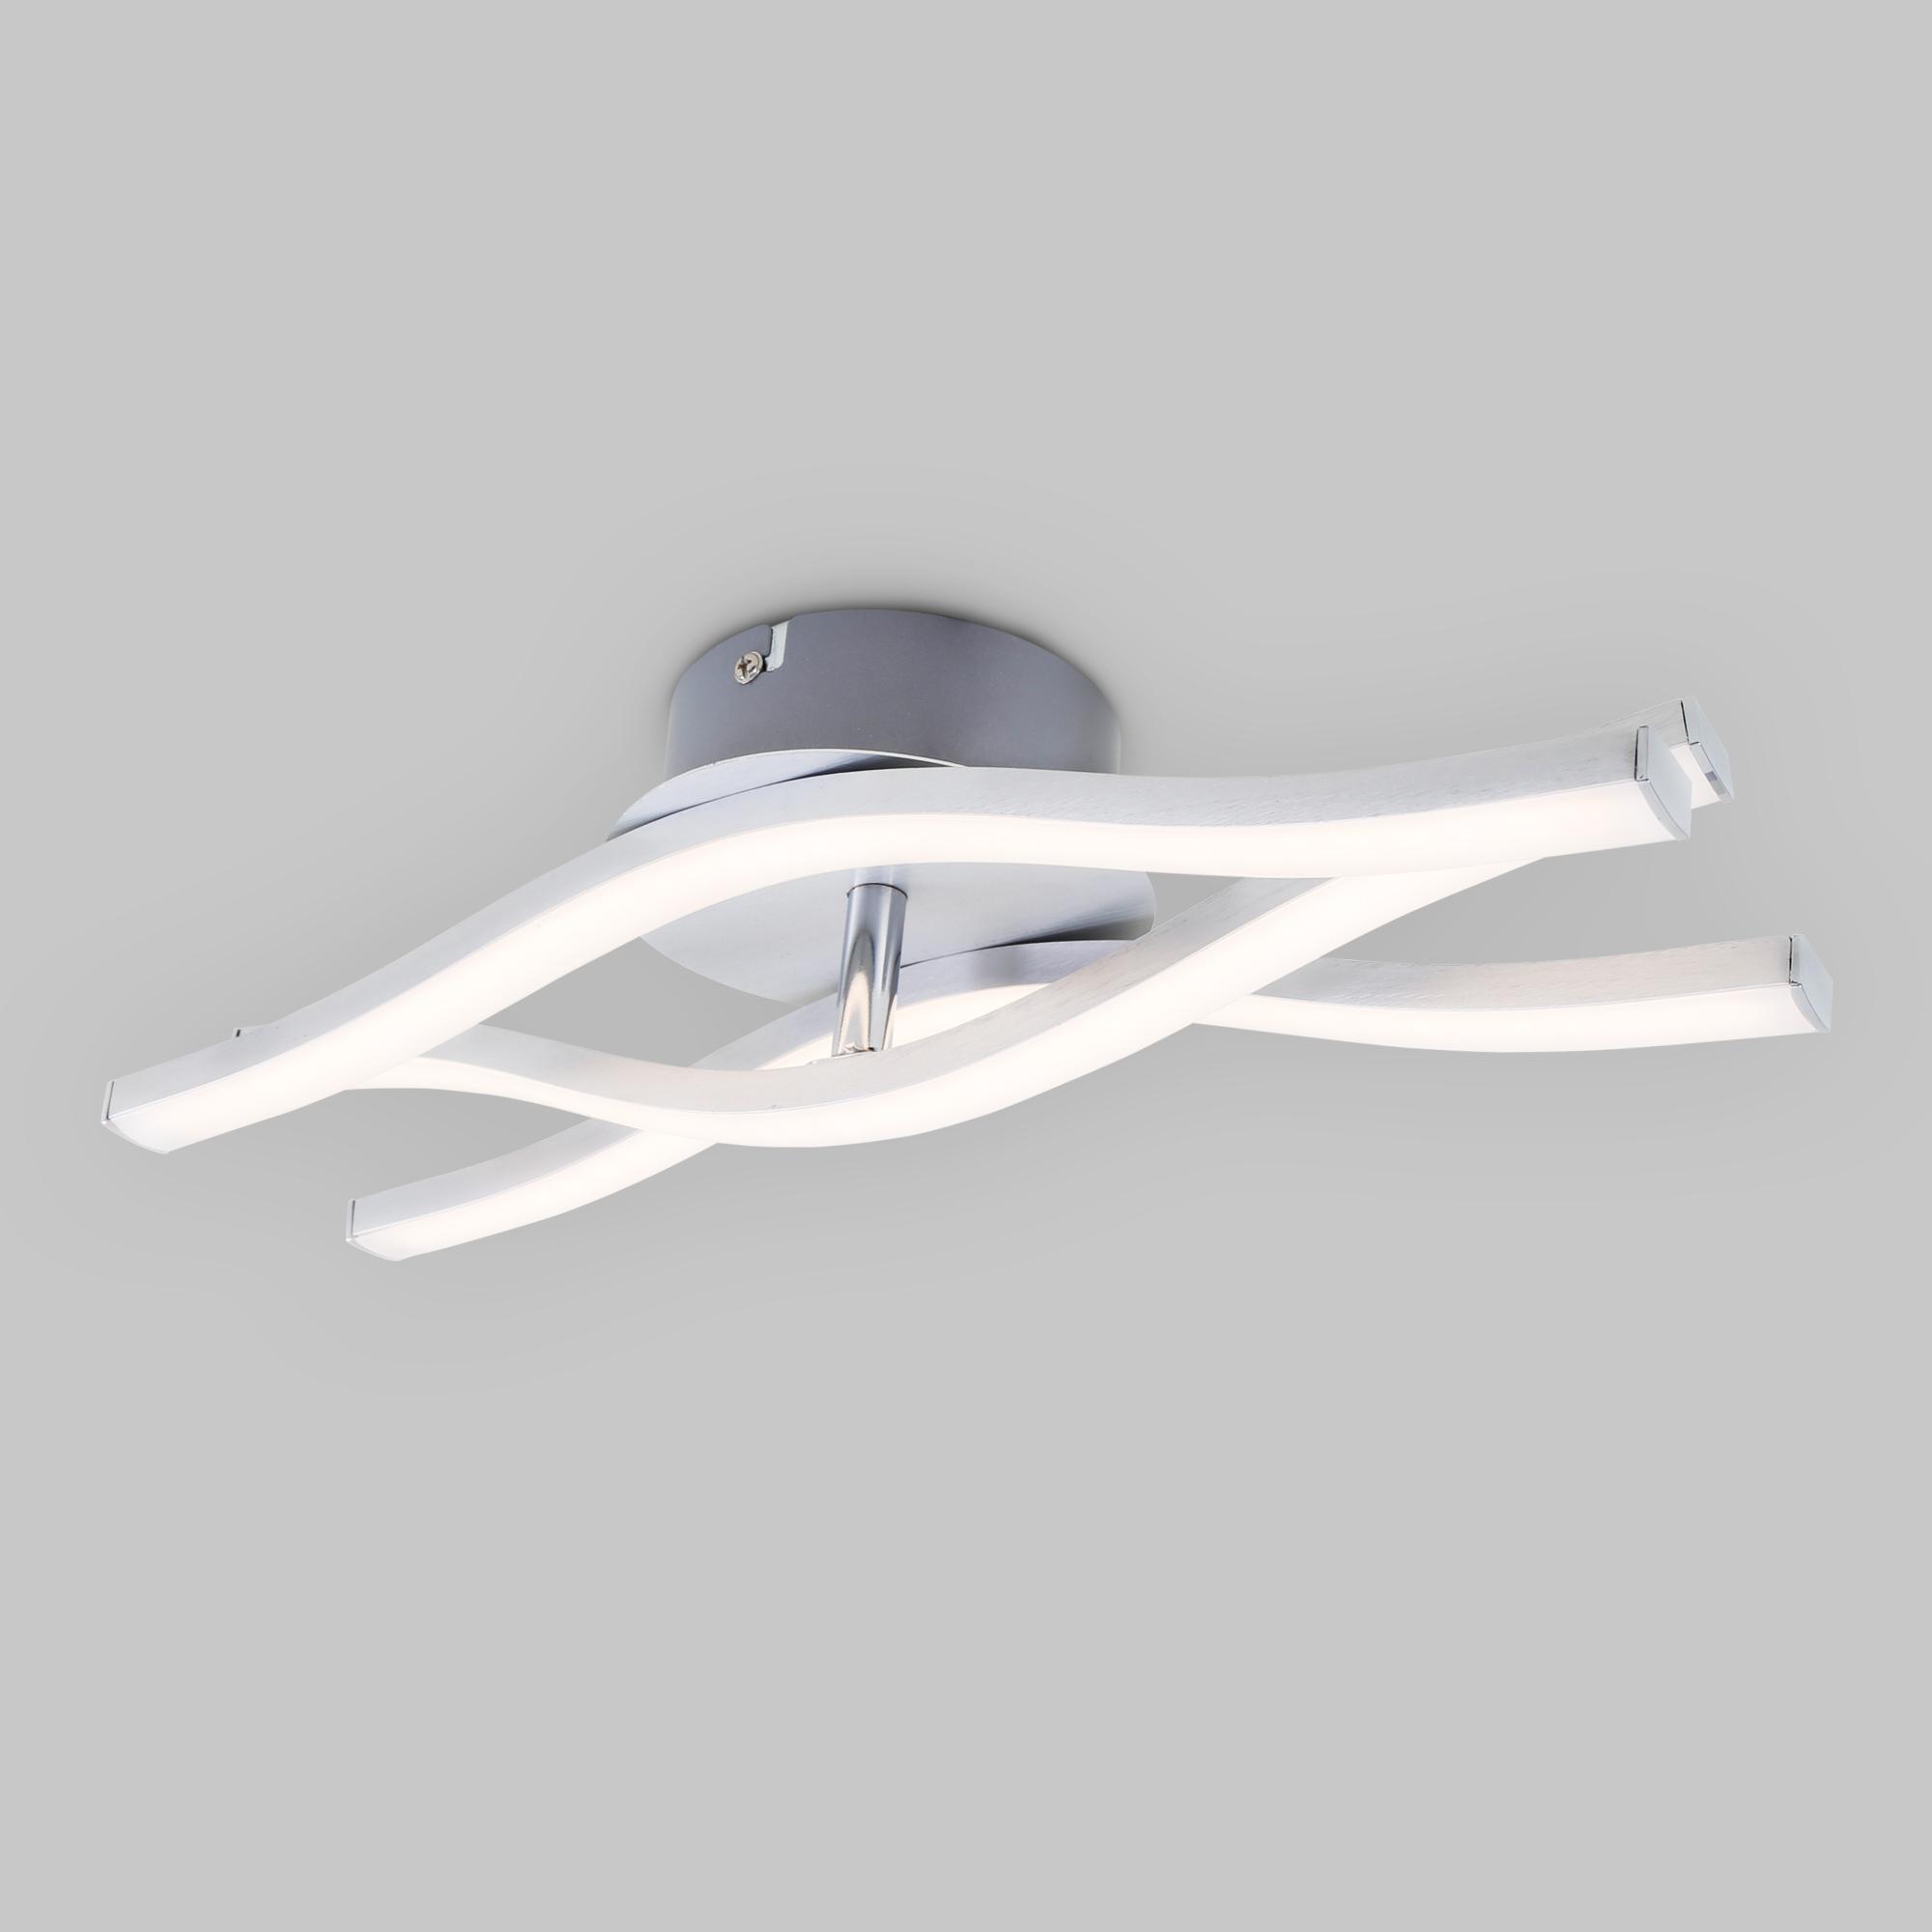 LED Wand- und Deckenleuchte, 36,5 cm, 18 W, Alu